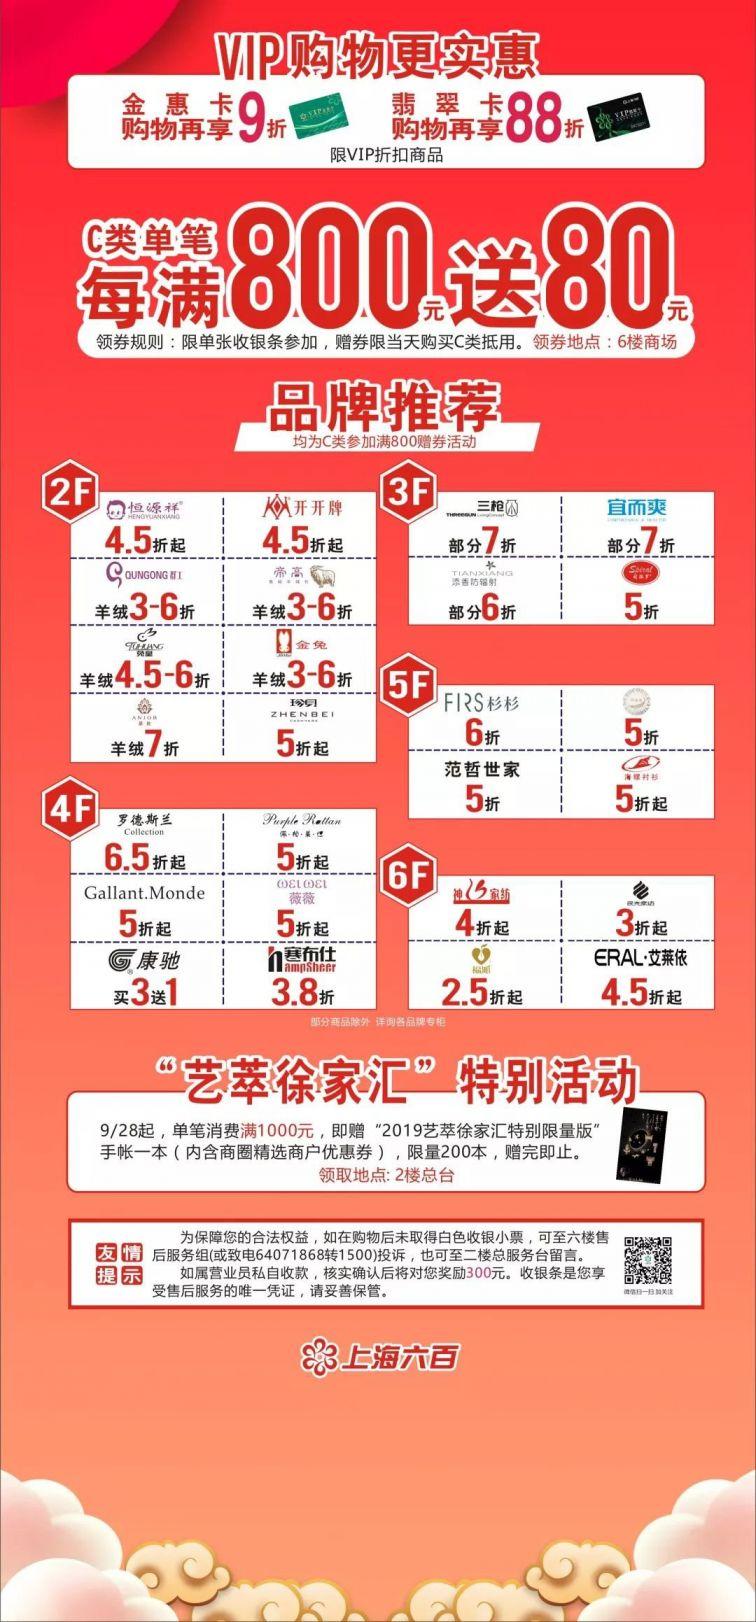 上海六百2019国庆折扣 当季服饰5折起